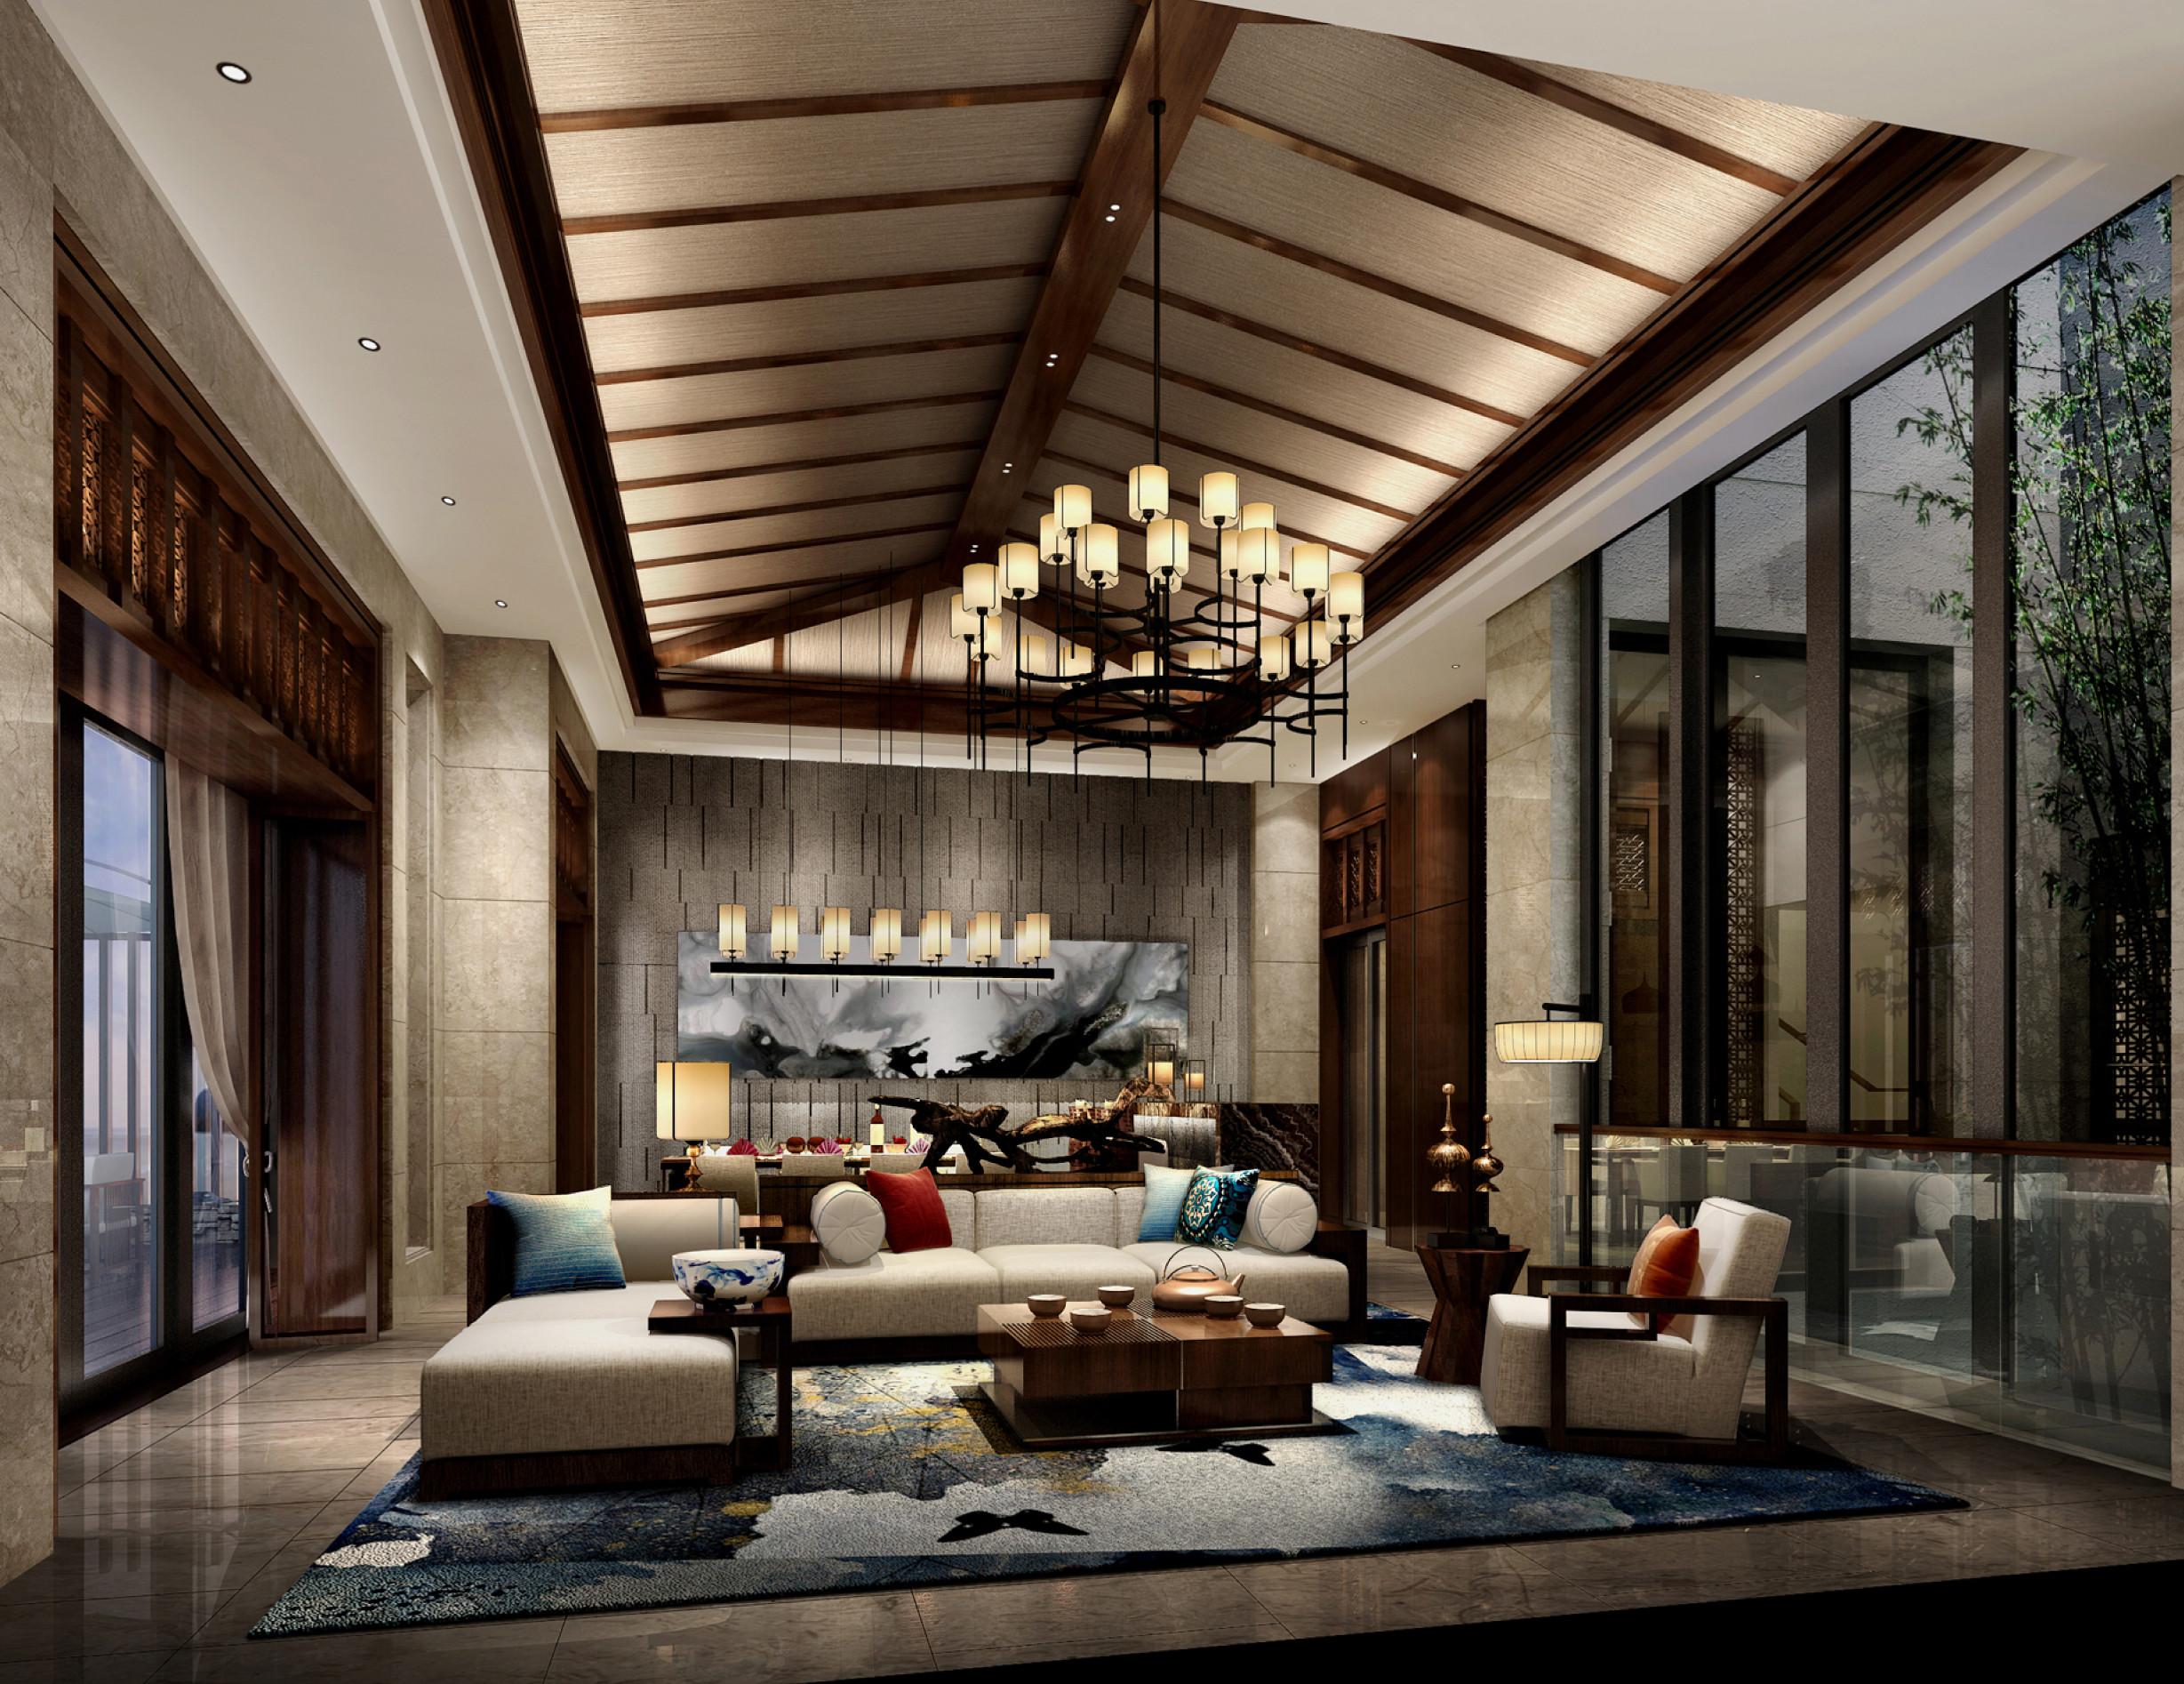 东南亚风格别墅修客厅效果图